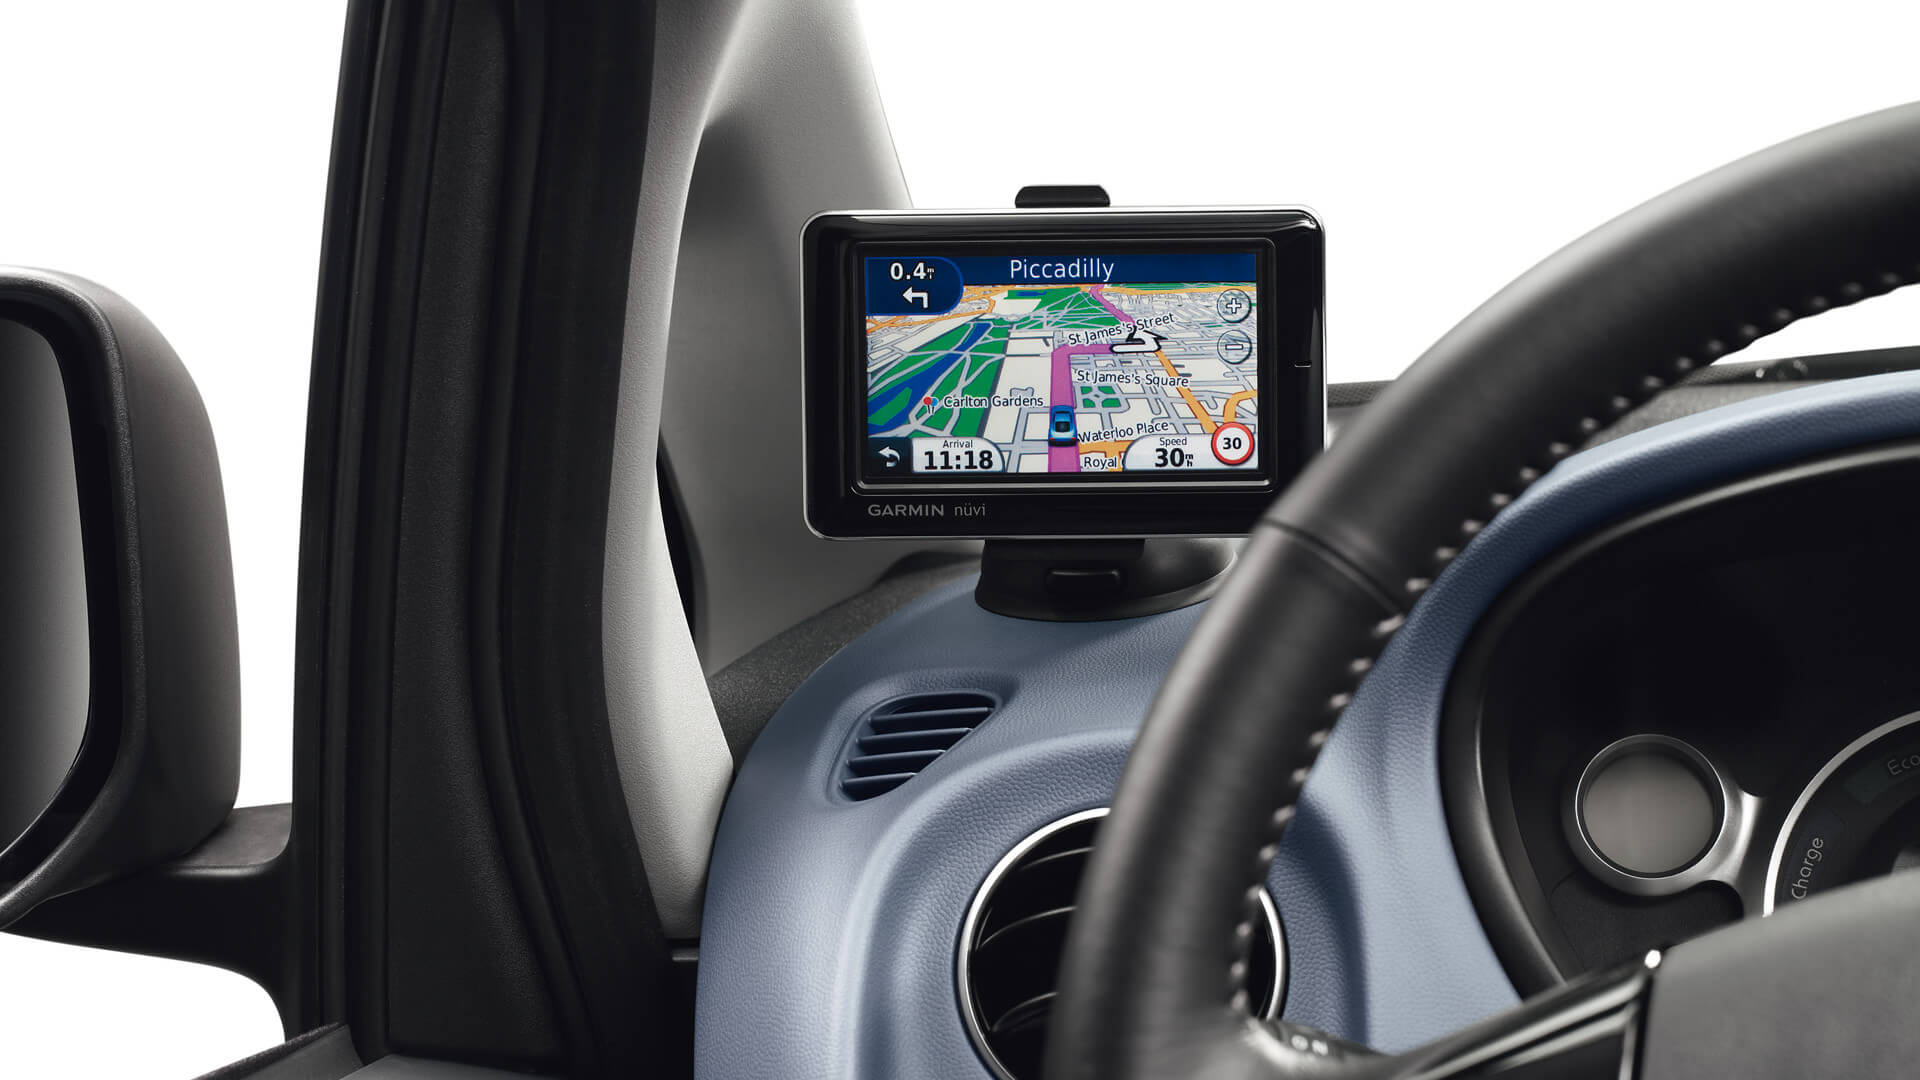 Peugeot iON navigatie